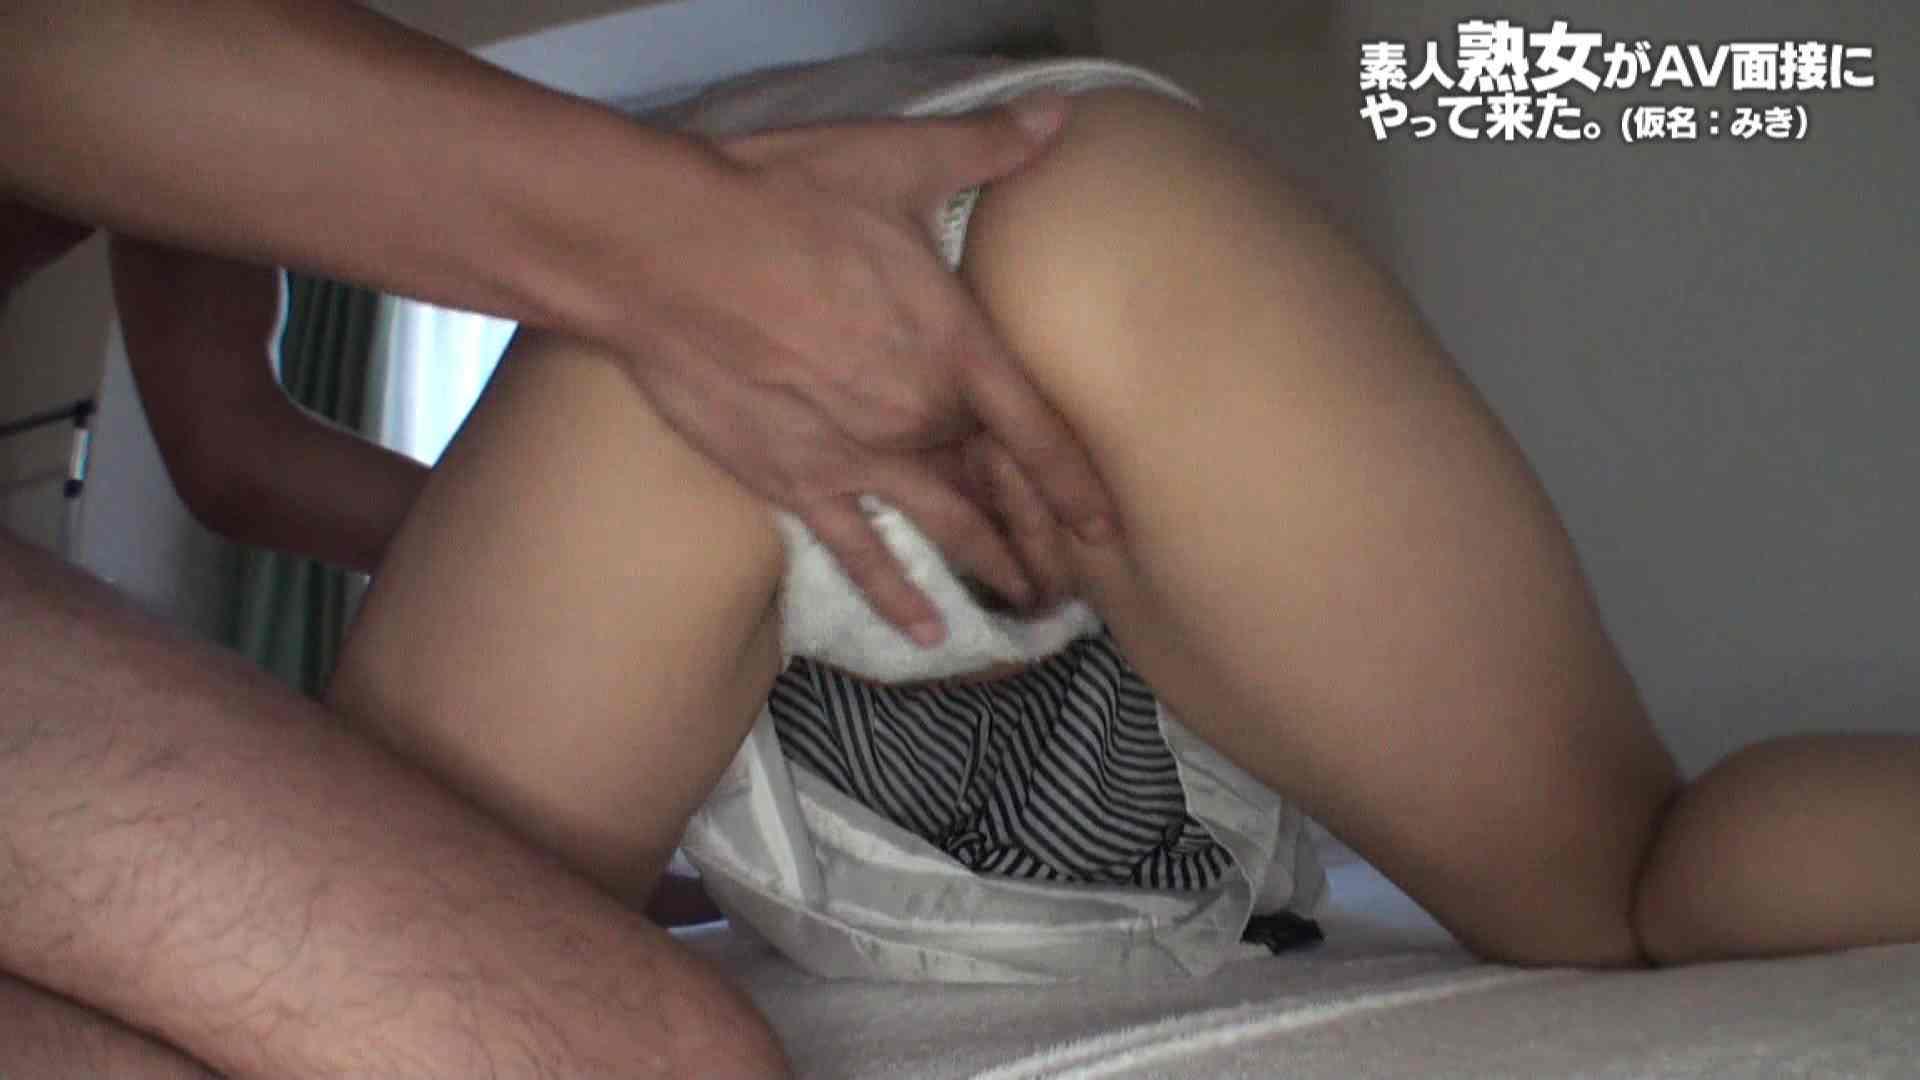 素人熟女がAV面接にやってきた (熟女)みきさんVOL.04(前編) お姉さんのセックス ヌード画像 90枚 38